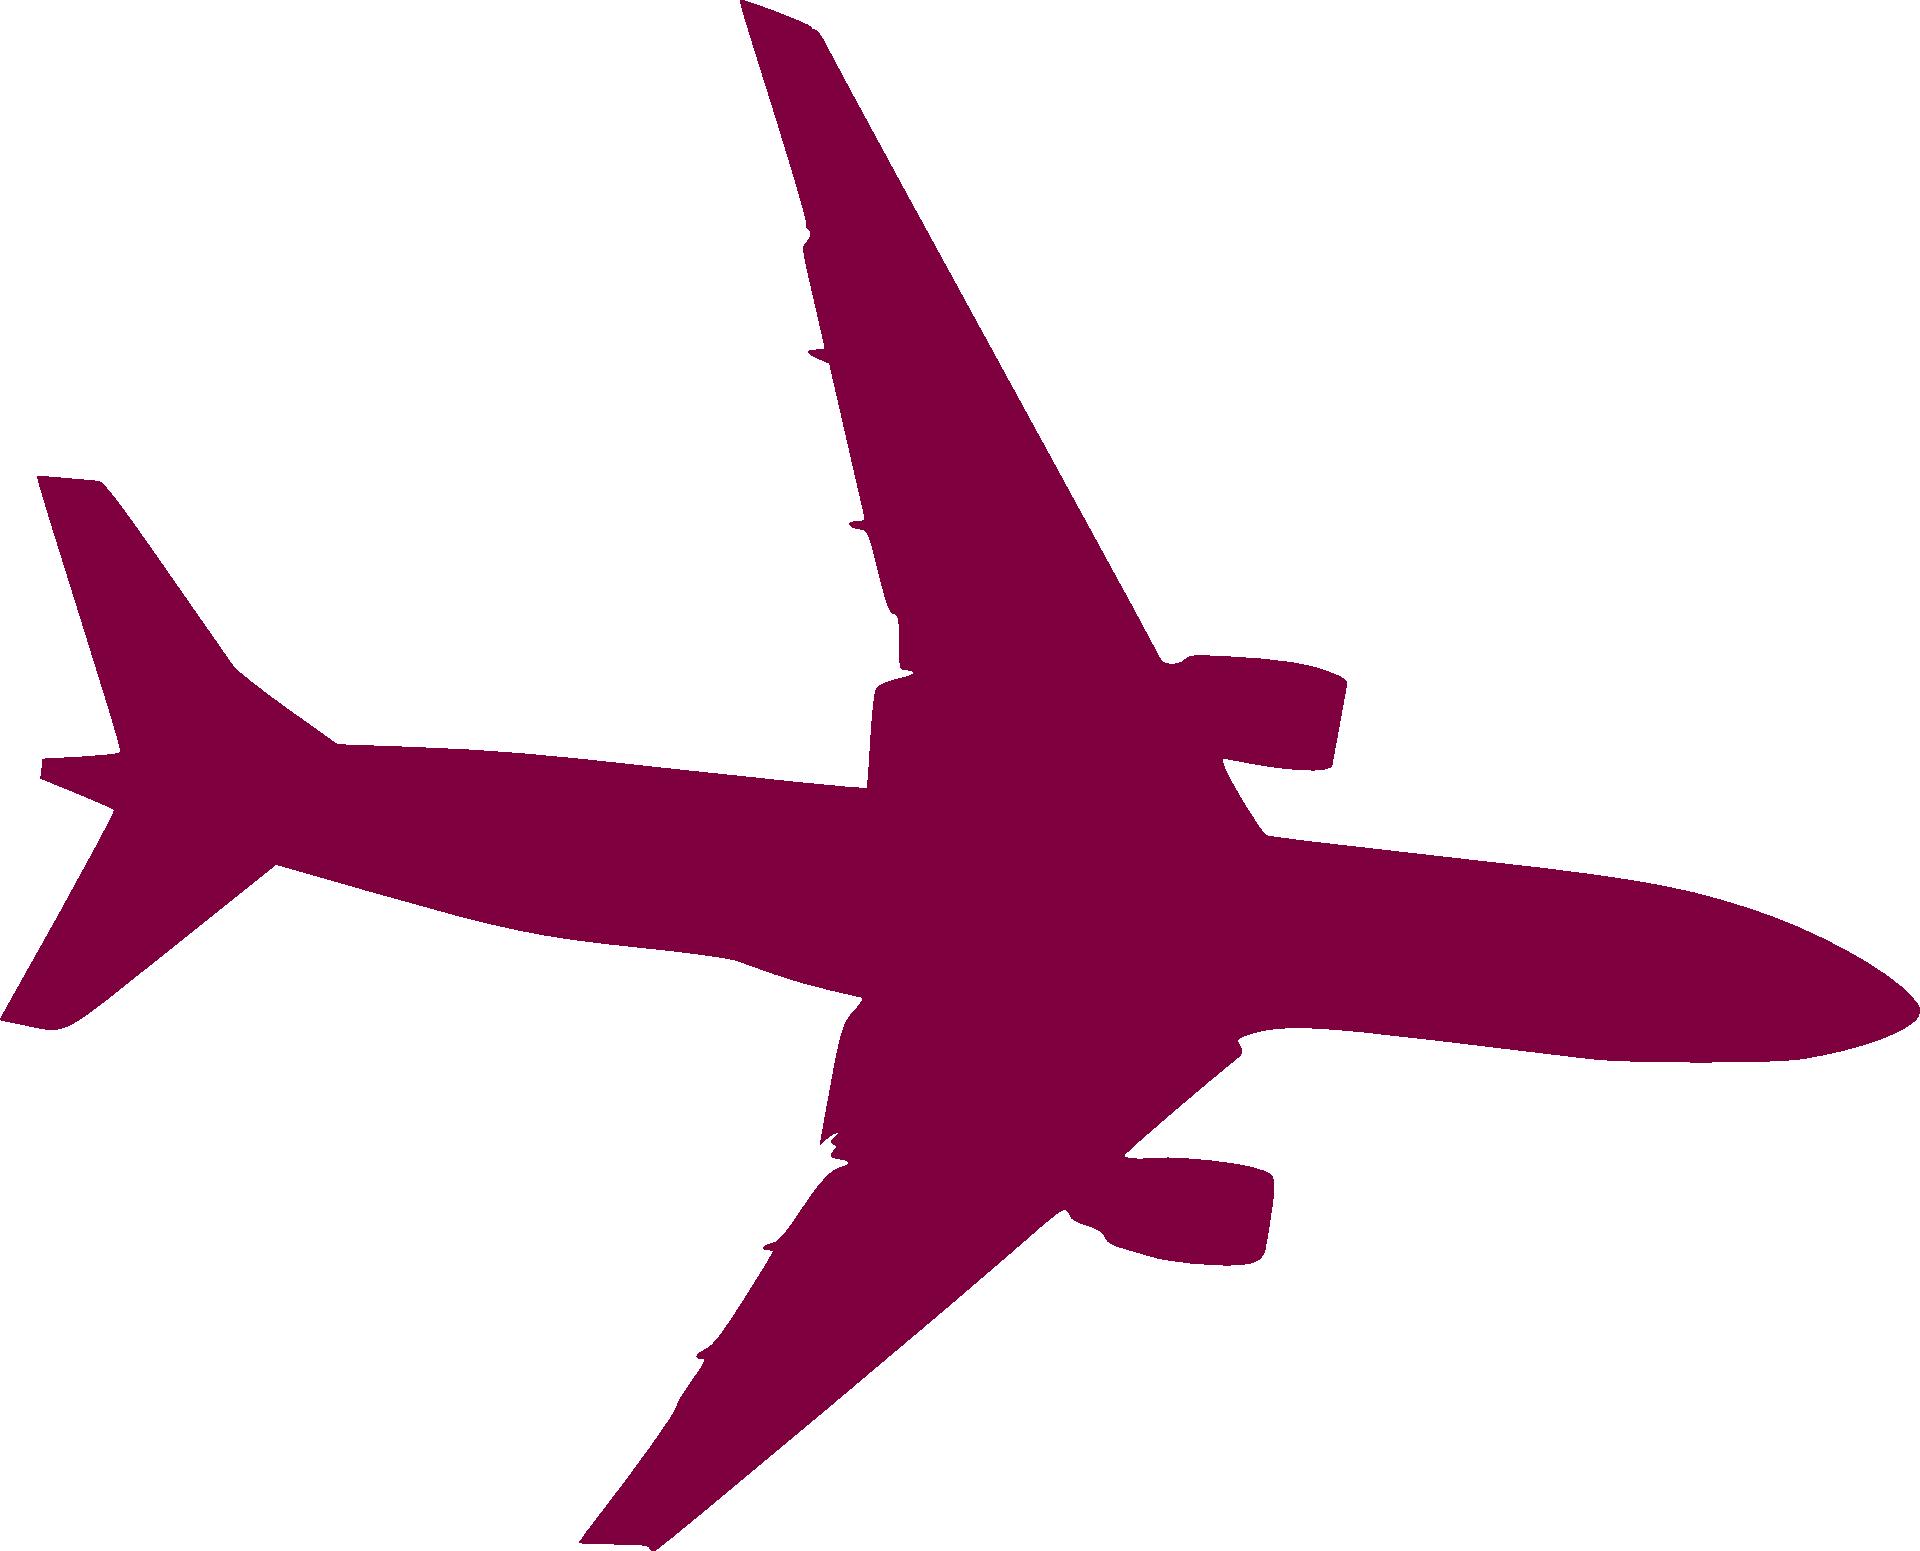 1920x1551 Airplane Aircraft Silhouette Clip Art